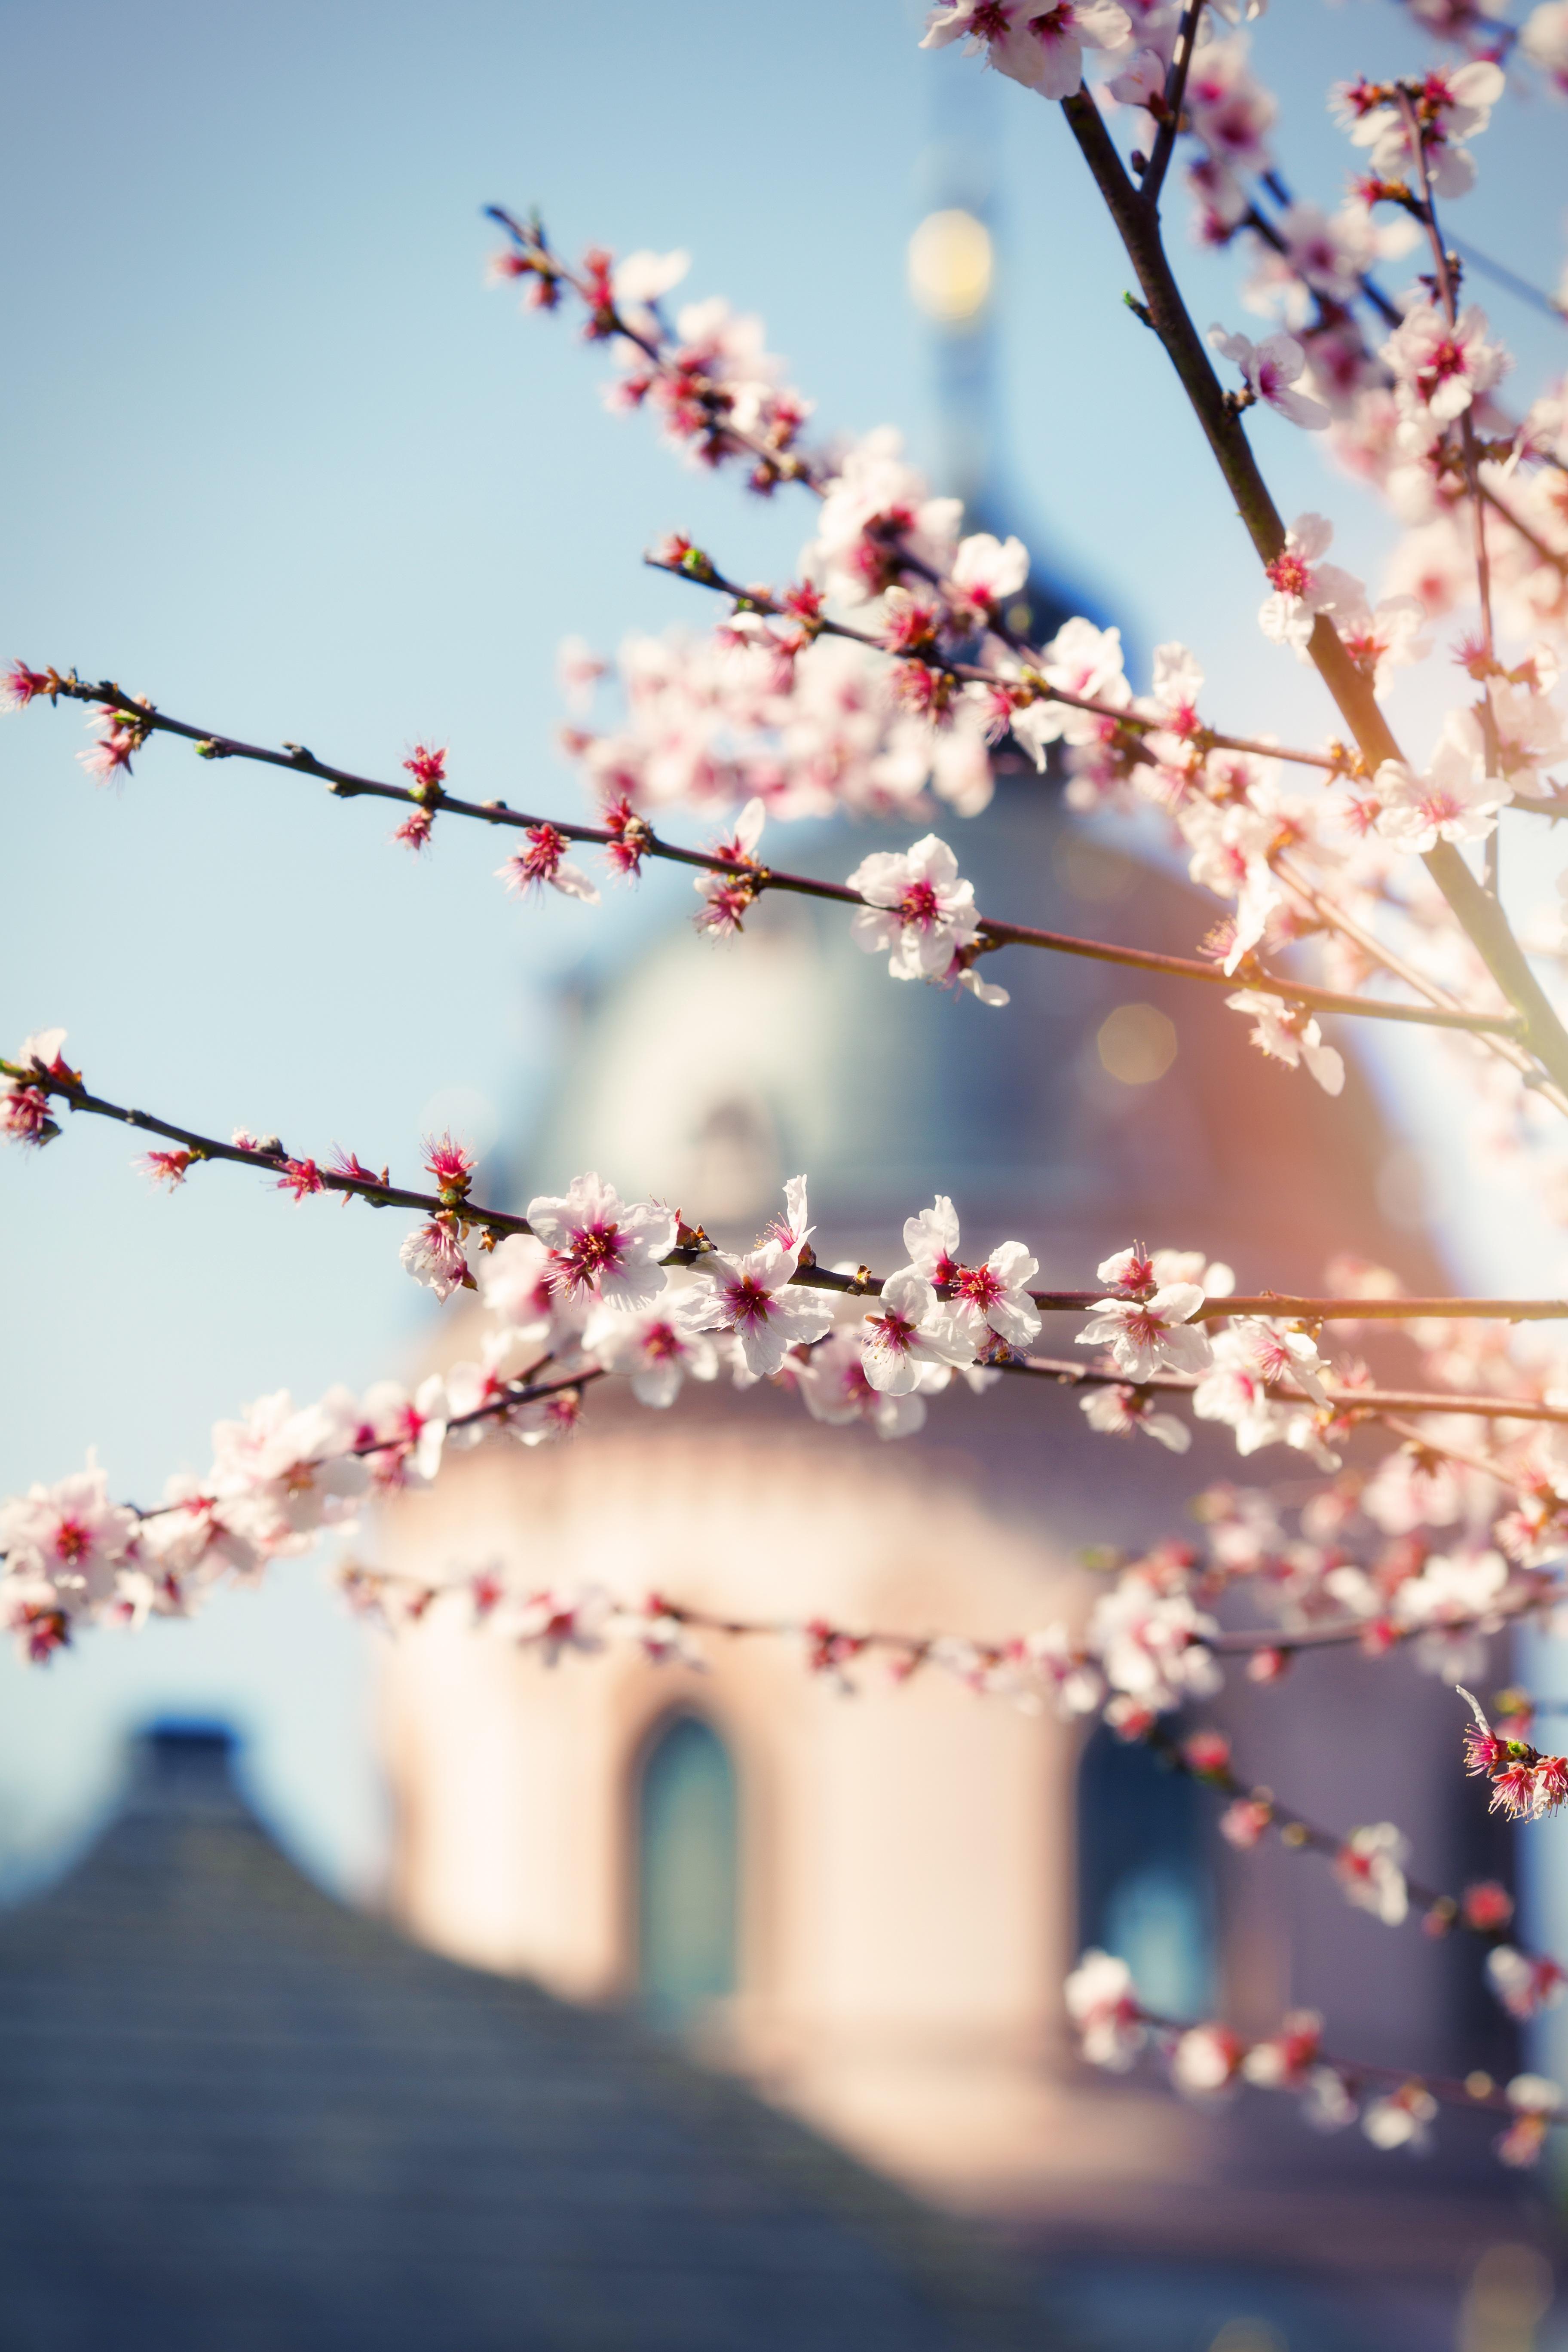 Tree, Flower, Fresh, Freshness, Nature, HQ Photo